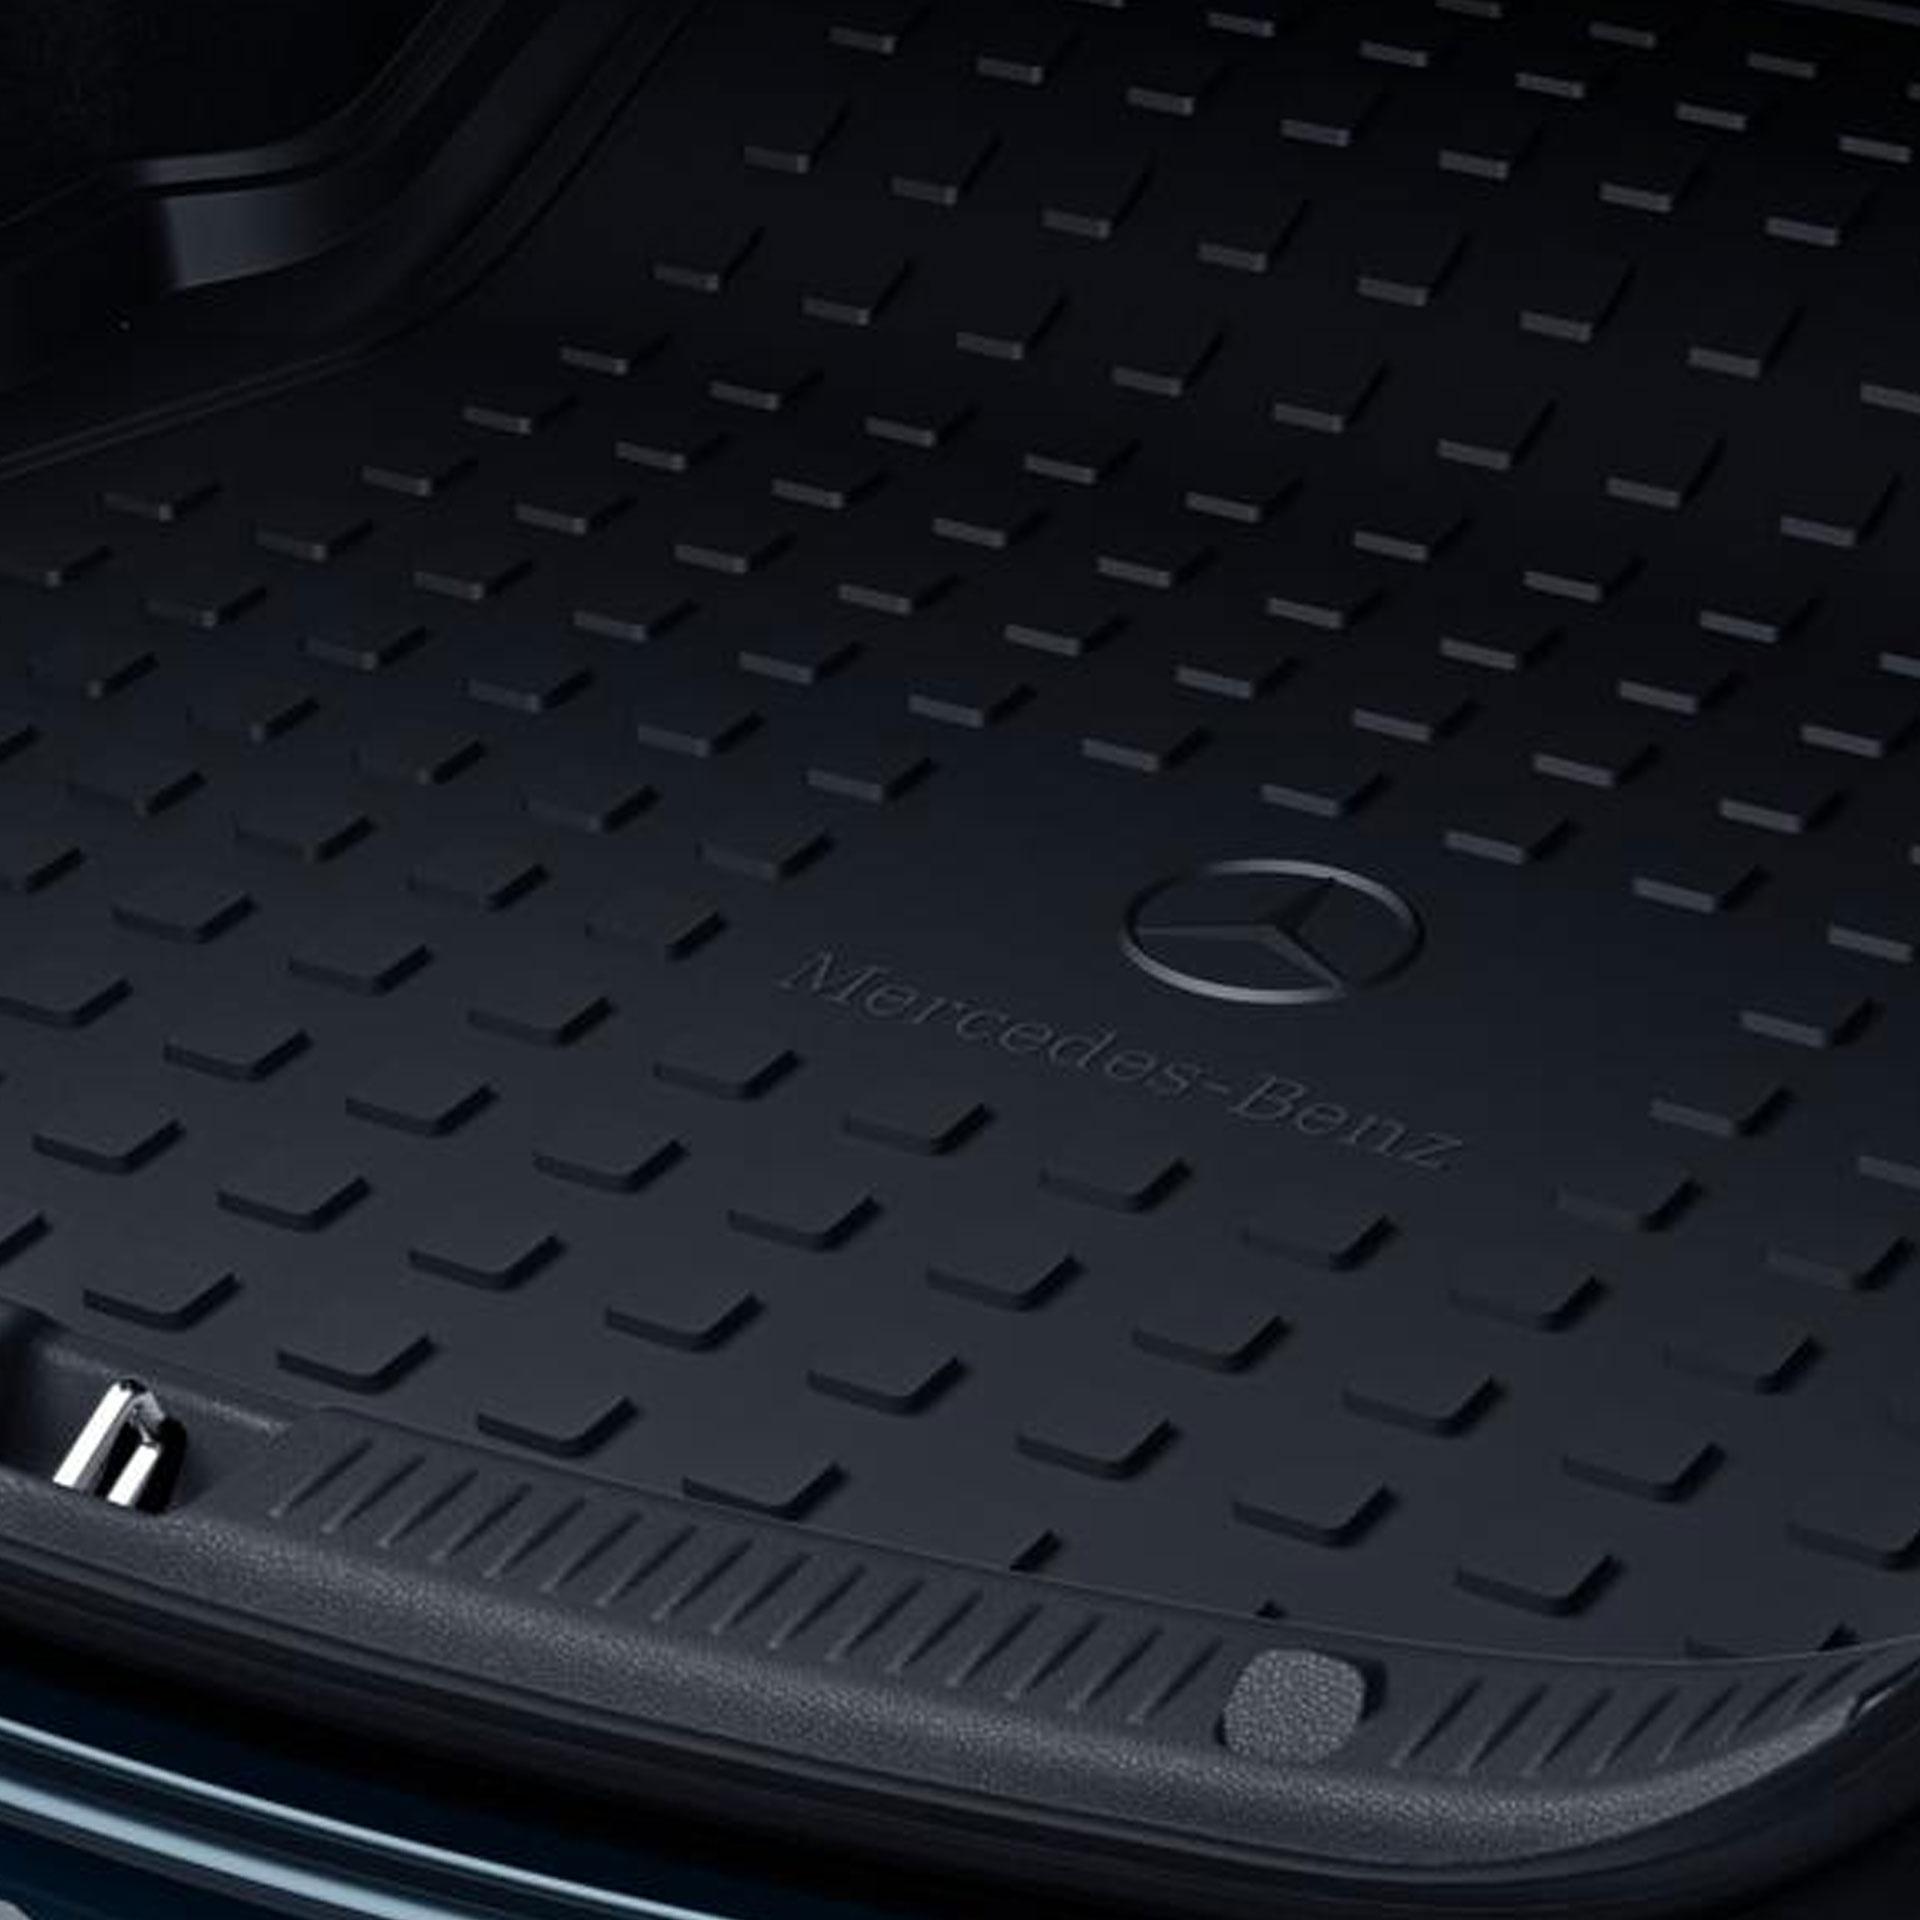 Mercedes-Benz Kofferraumwanne flach für CLS (C257)